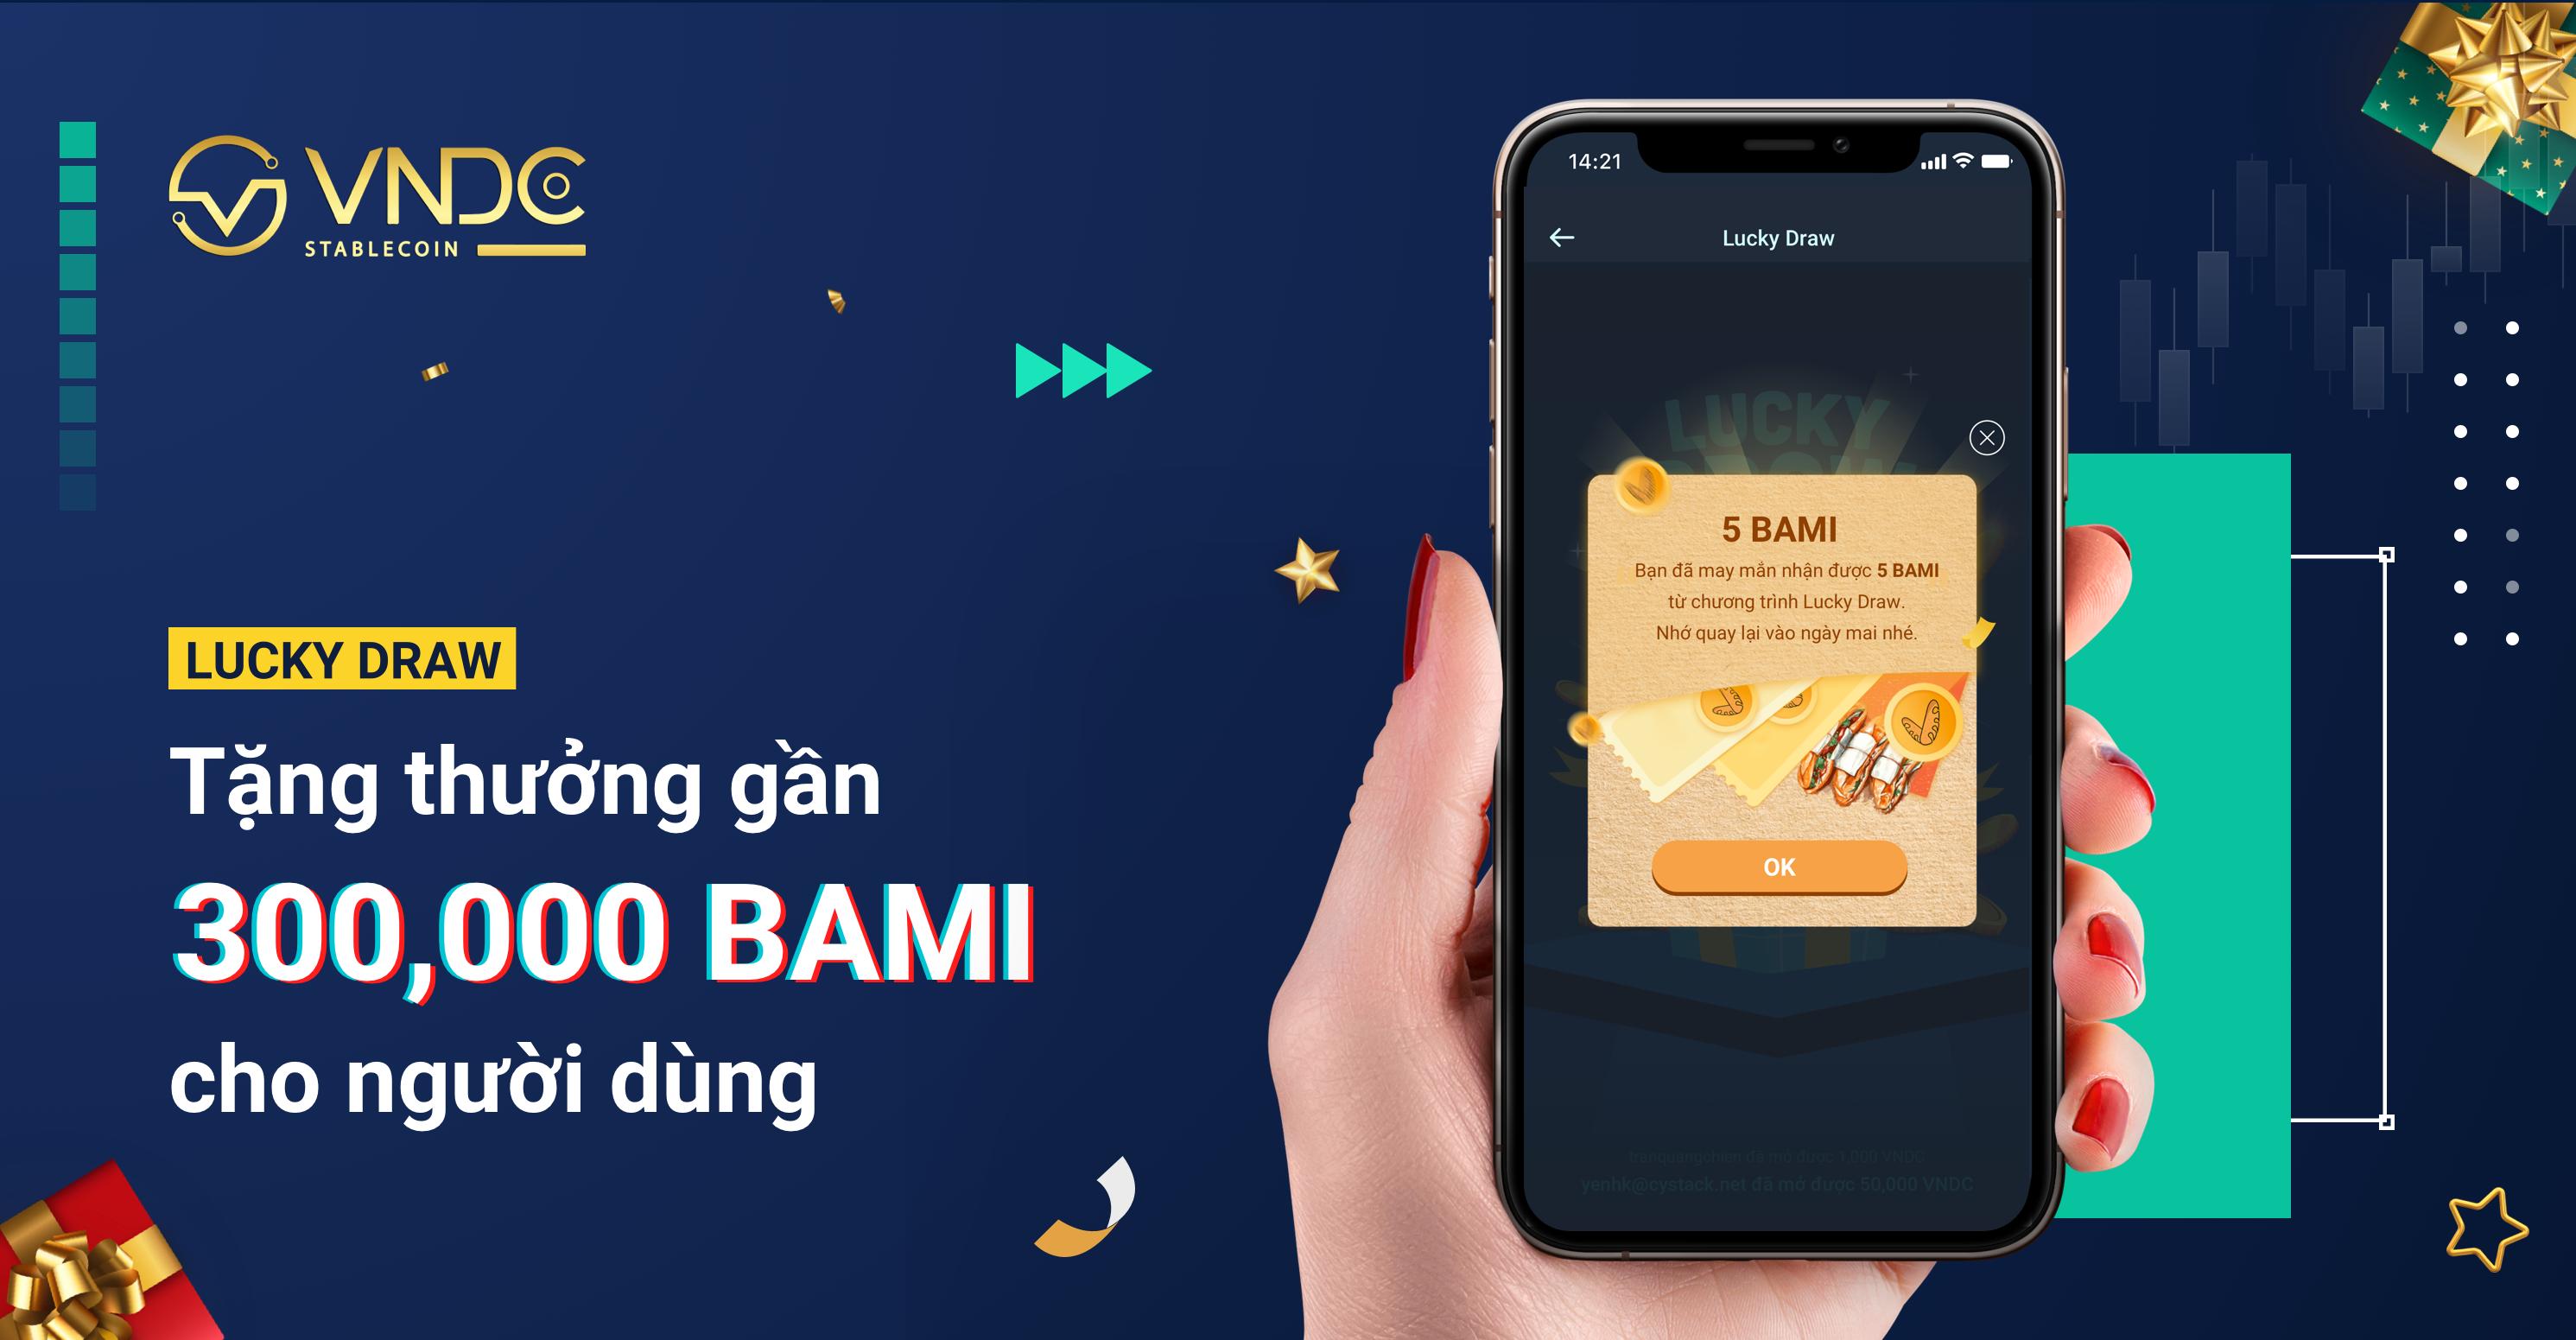 Lucky Draw: Tặng thưởng gần 300,000 BAMI cho người dùng